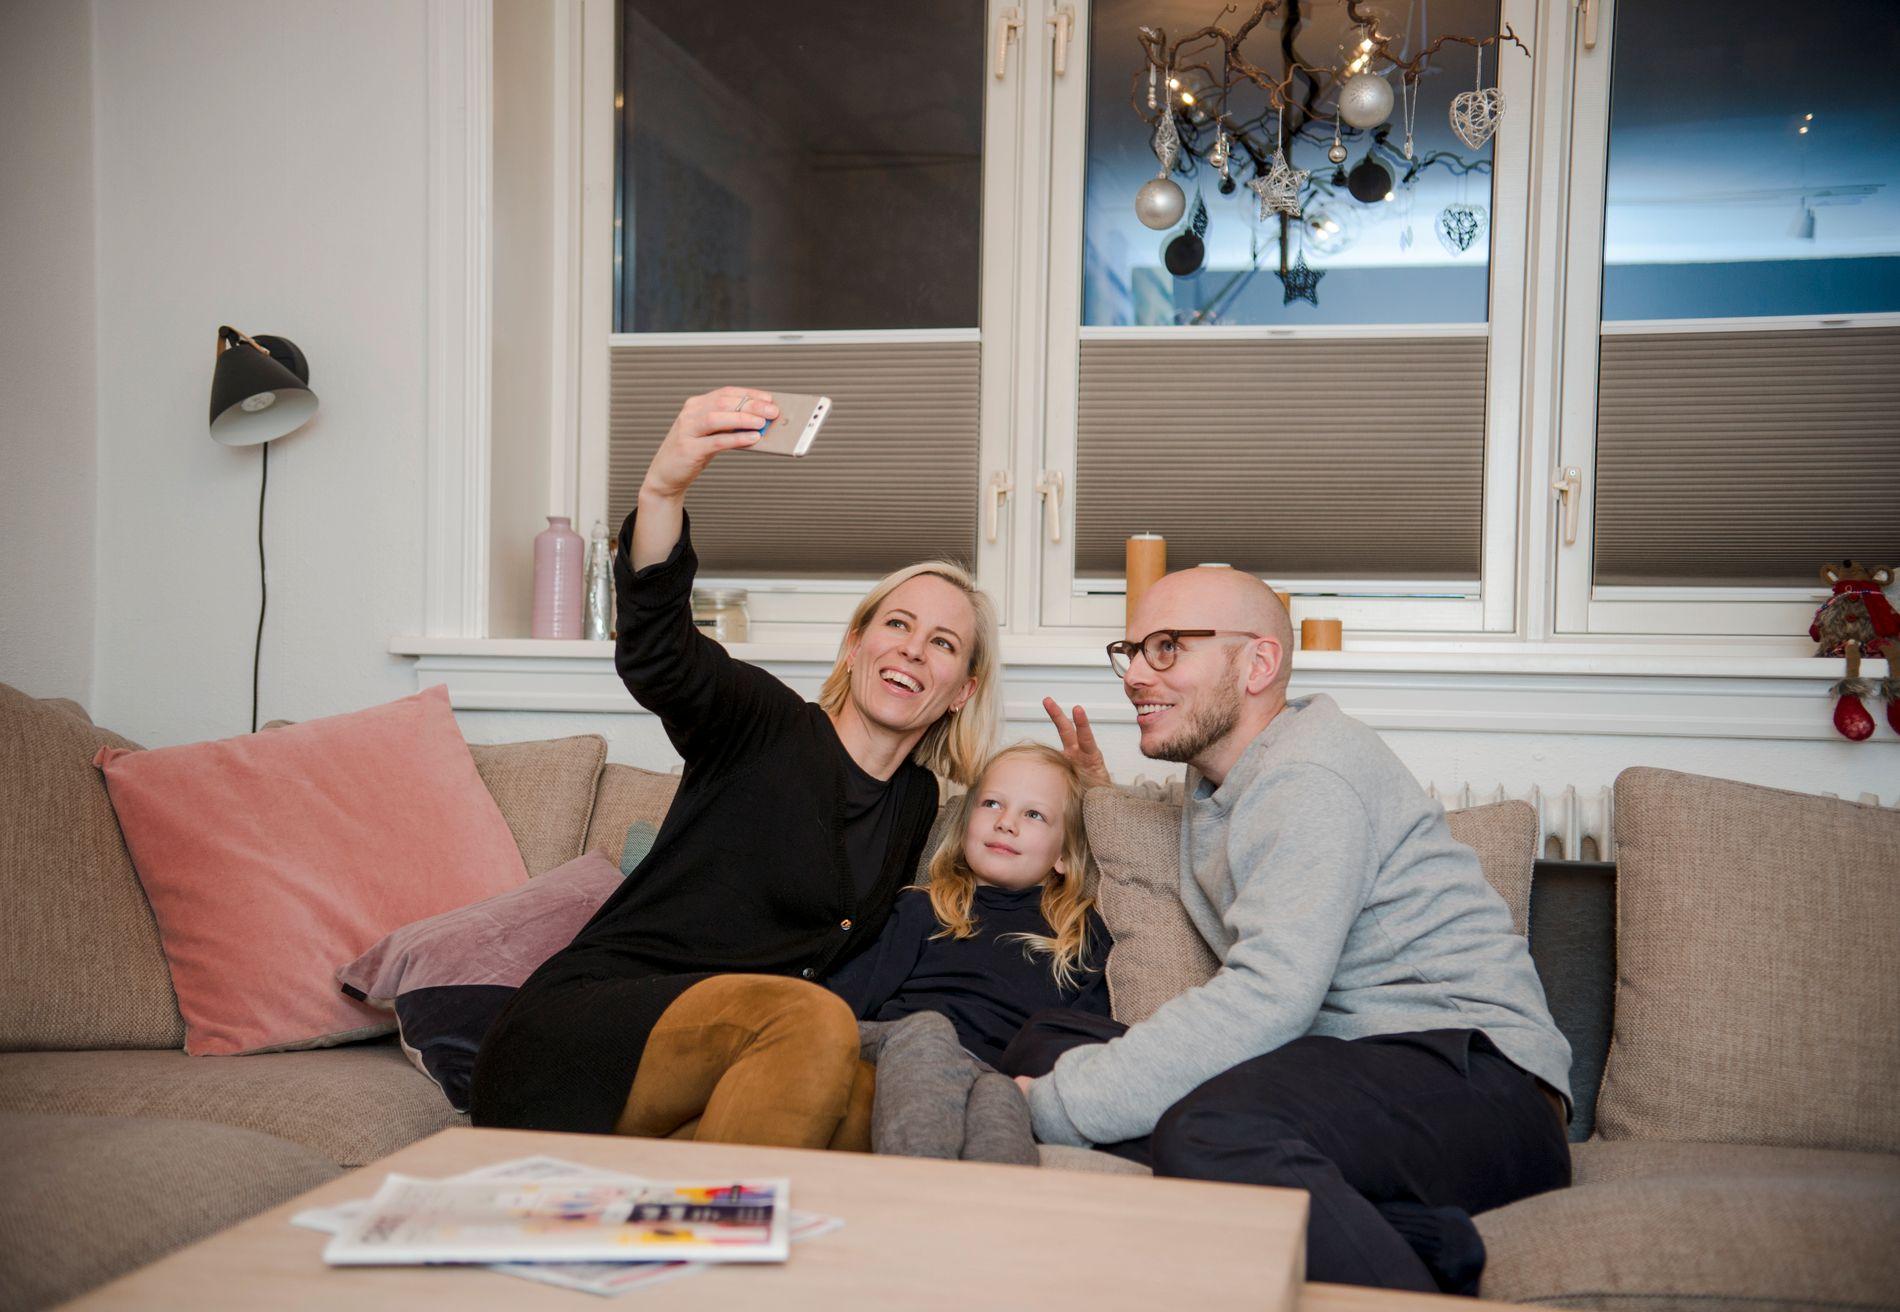 DOKUMENTASJON: Små og store øyeblikk fanges på kamera – her i form at en sofa-selfie.